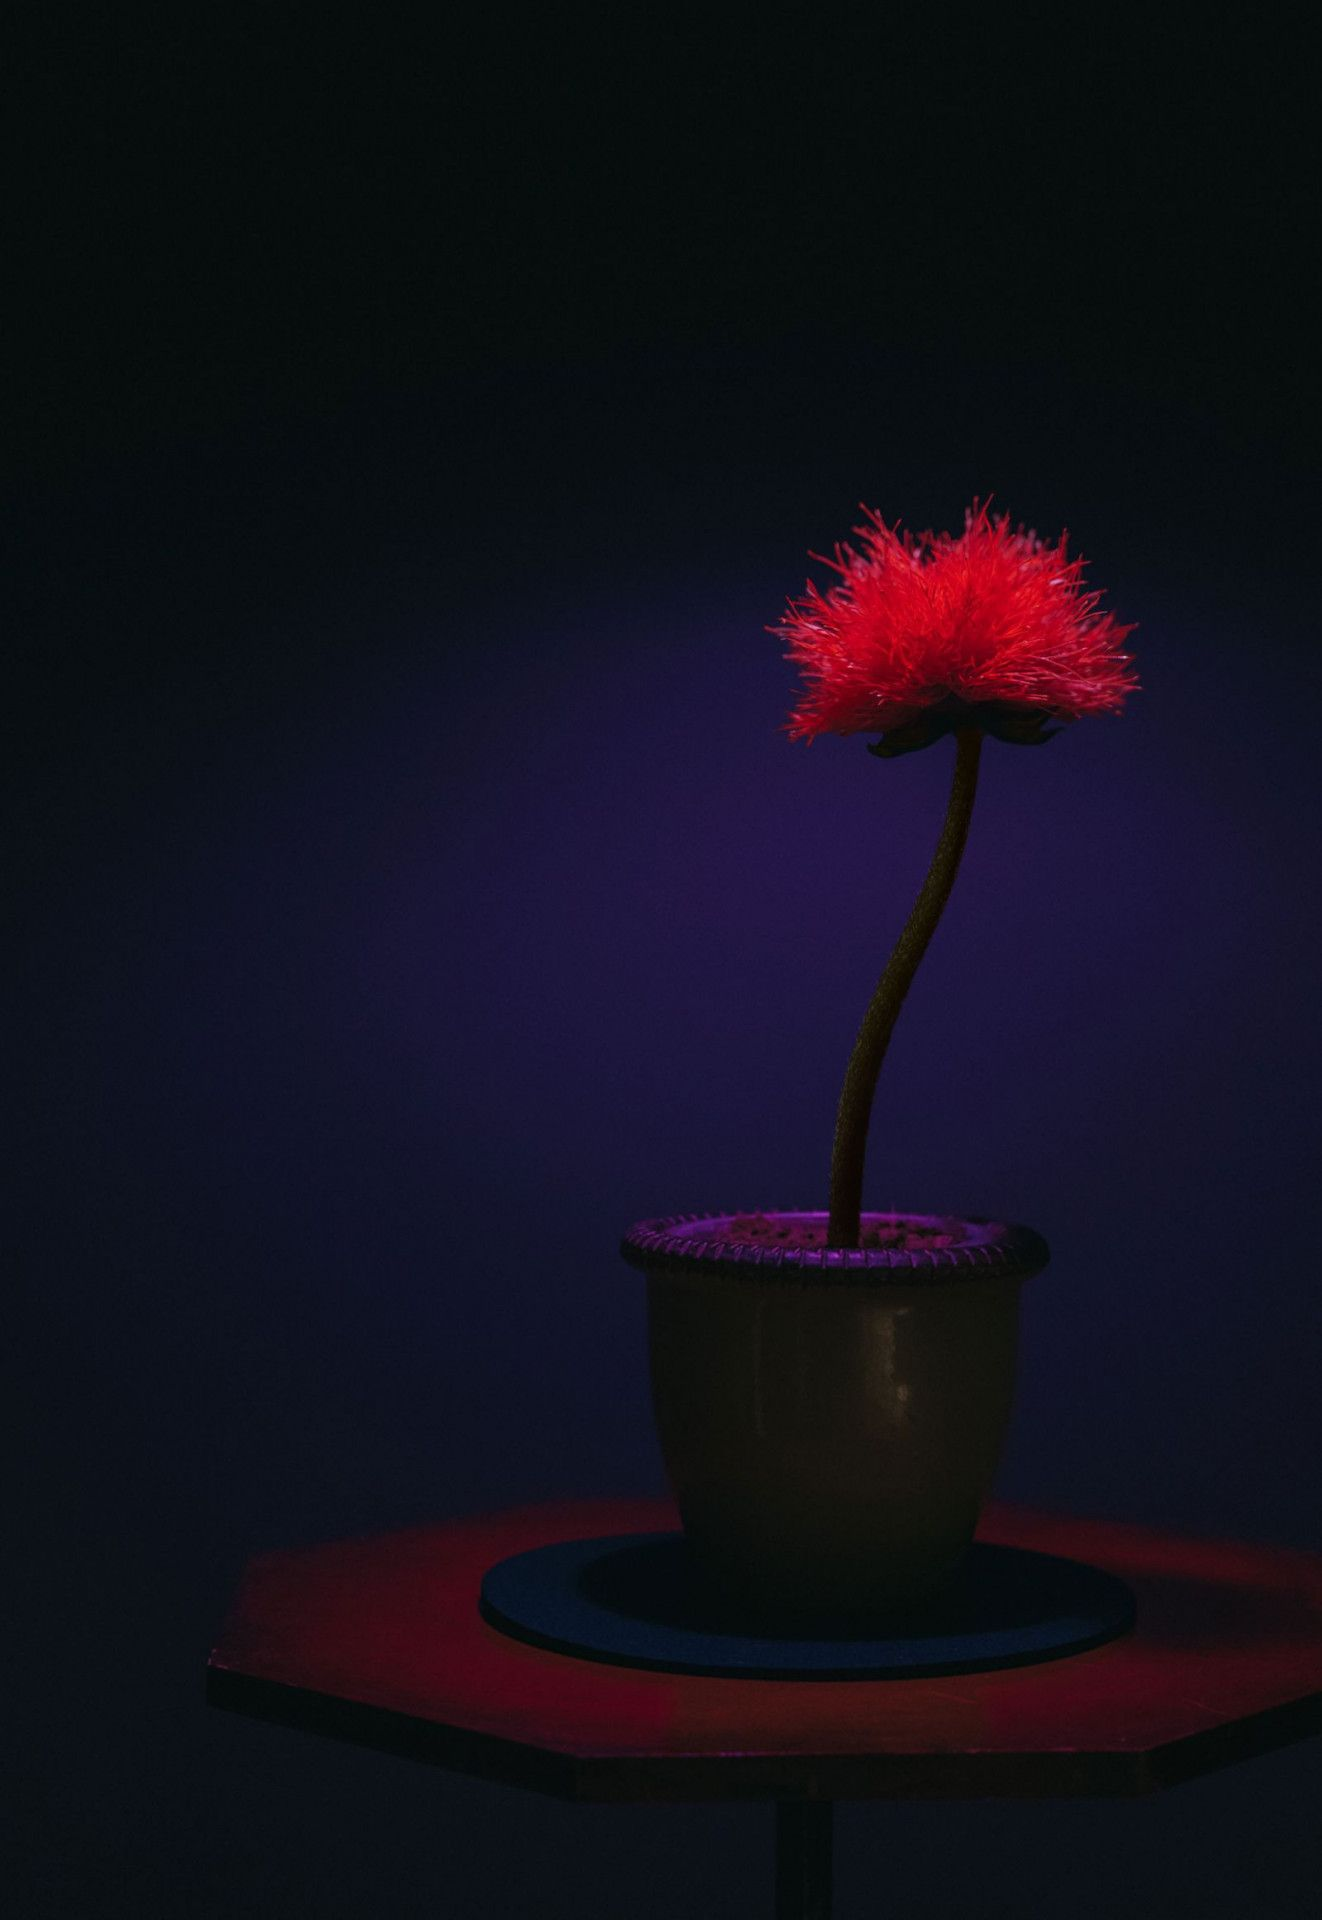 Little Joe heißt die Pflanze, die Menschen glücklich macht - ob sie es wollen oder nicht.